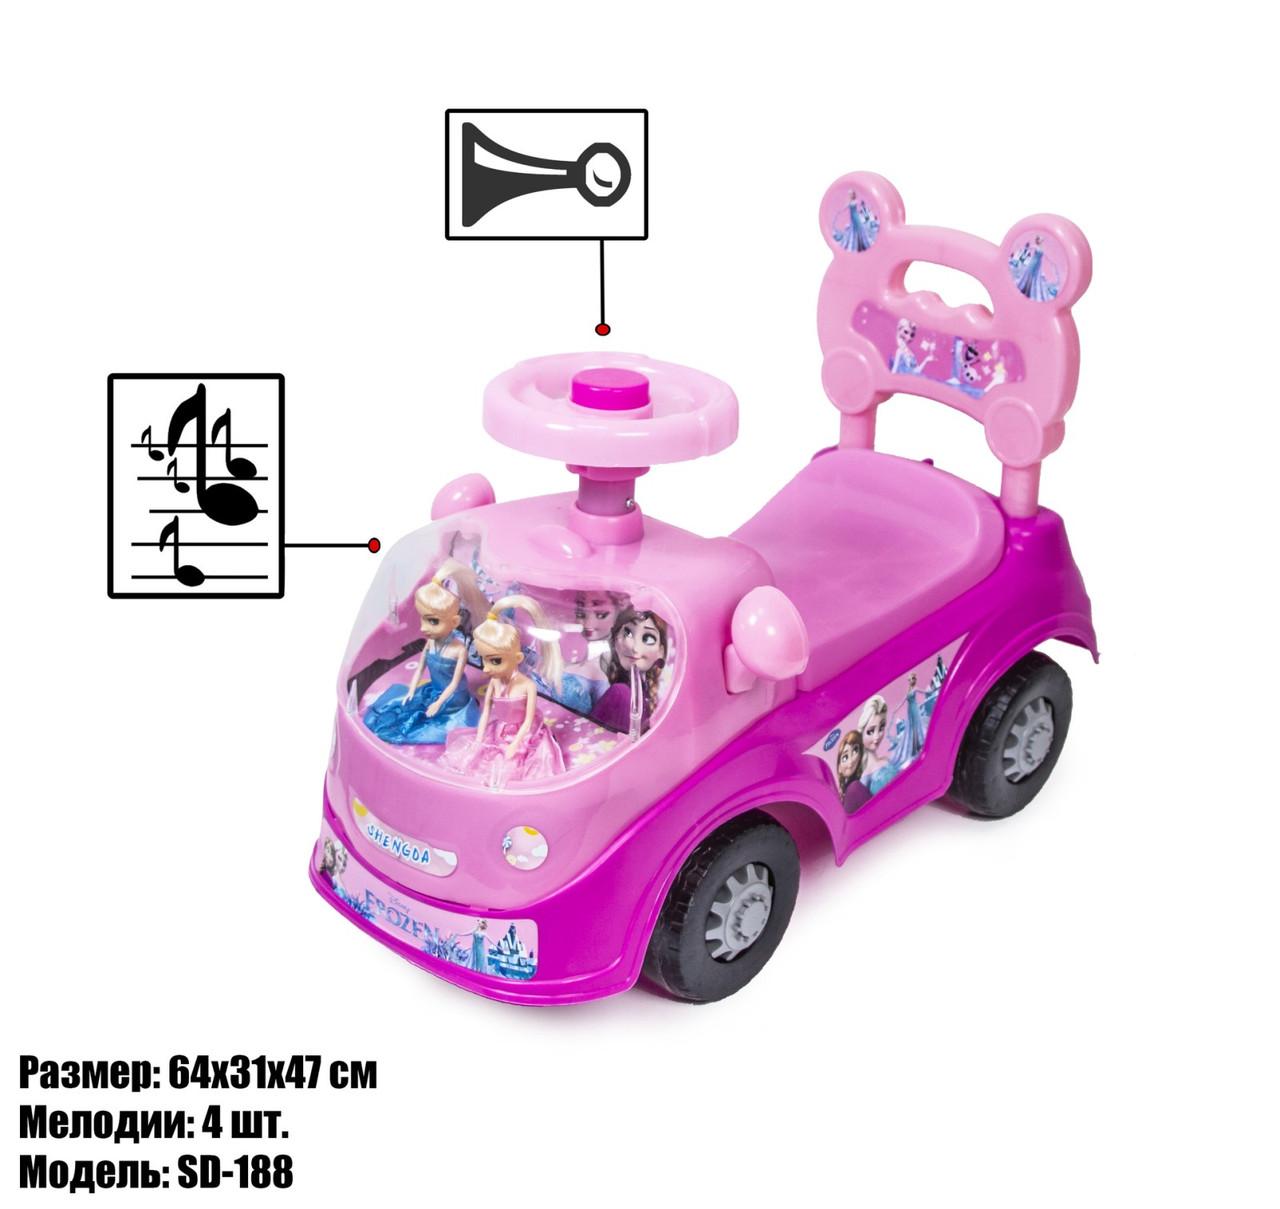 Машинка толокар музыкальная детская каталка для прогулок 4 мелодии Фрозен Frozen 518 Розовый